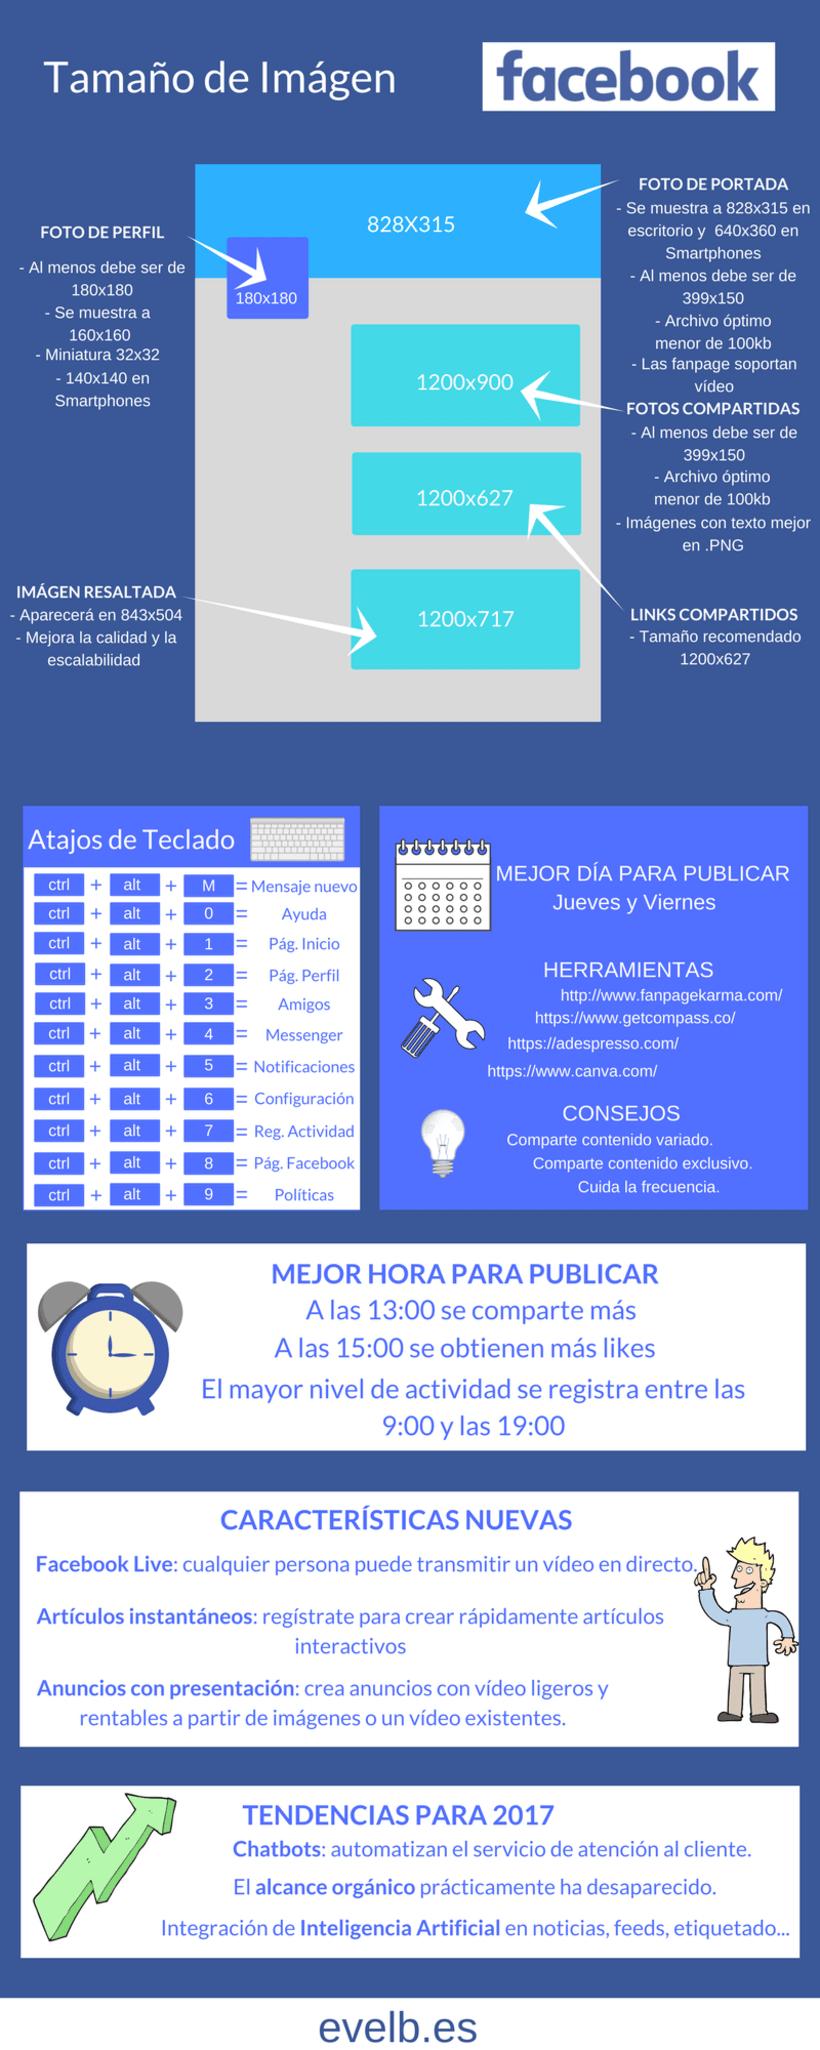 Infografías evelb.es 33